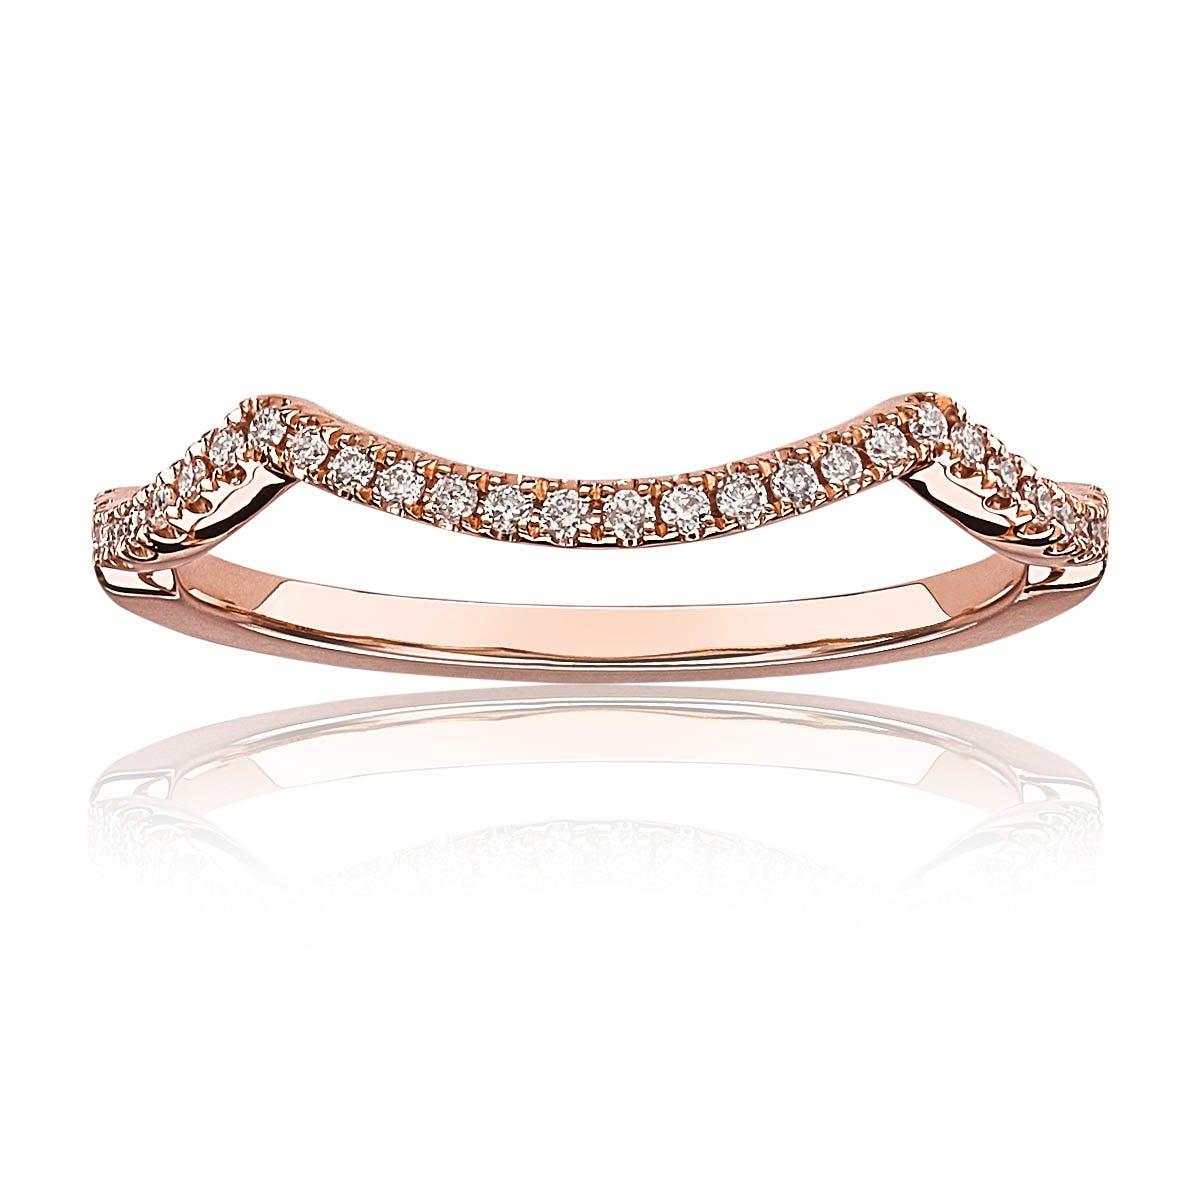 Aria. Matching Diamond Wedding Band in 14k Rose Gold